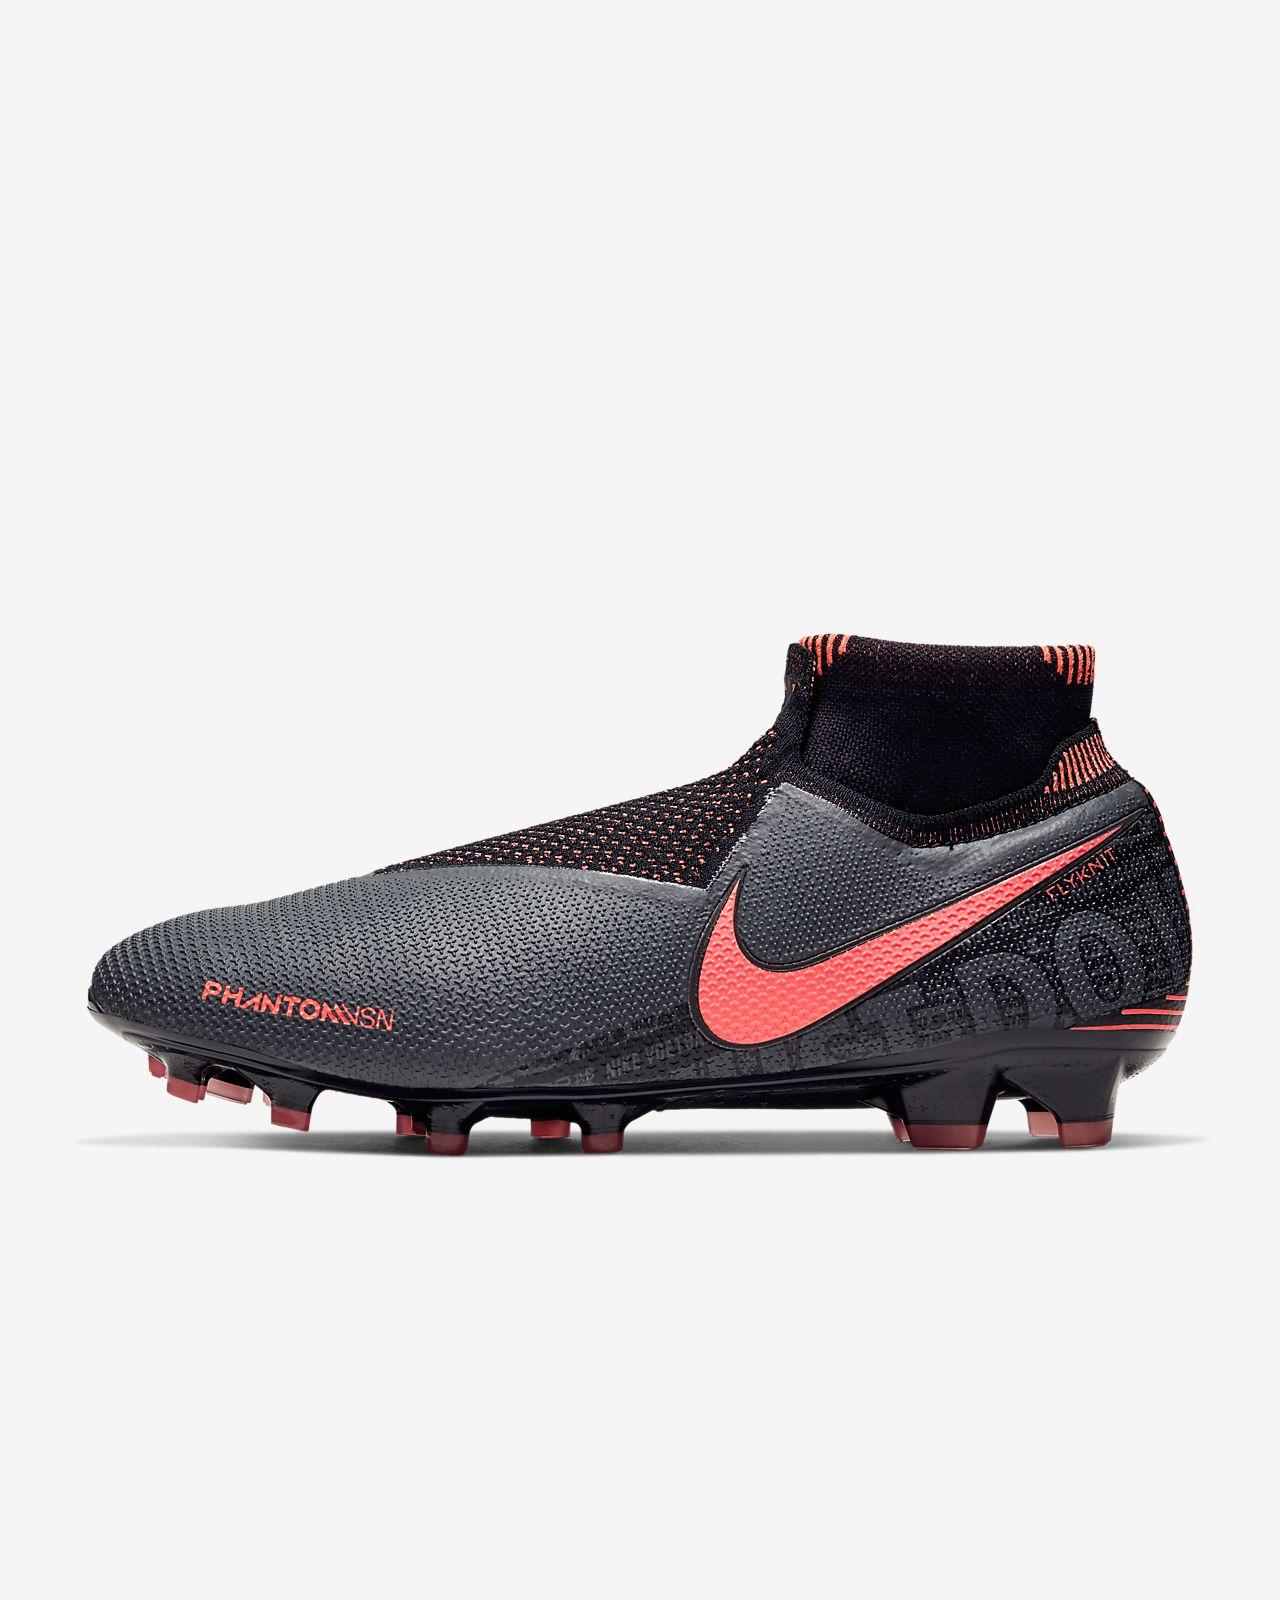 Super carino negozio ufficiale aliexpress Scarpa da calcio per terreni duri Nike Phantom Vision Elite Dynamic Fit FG